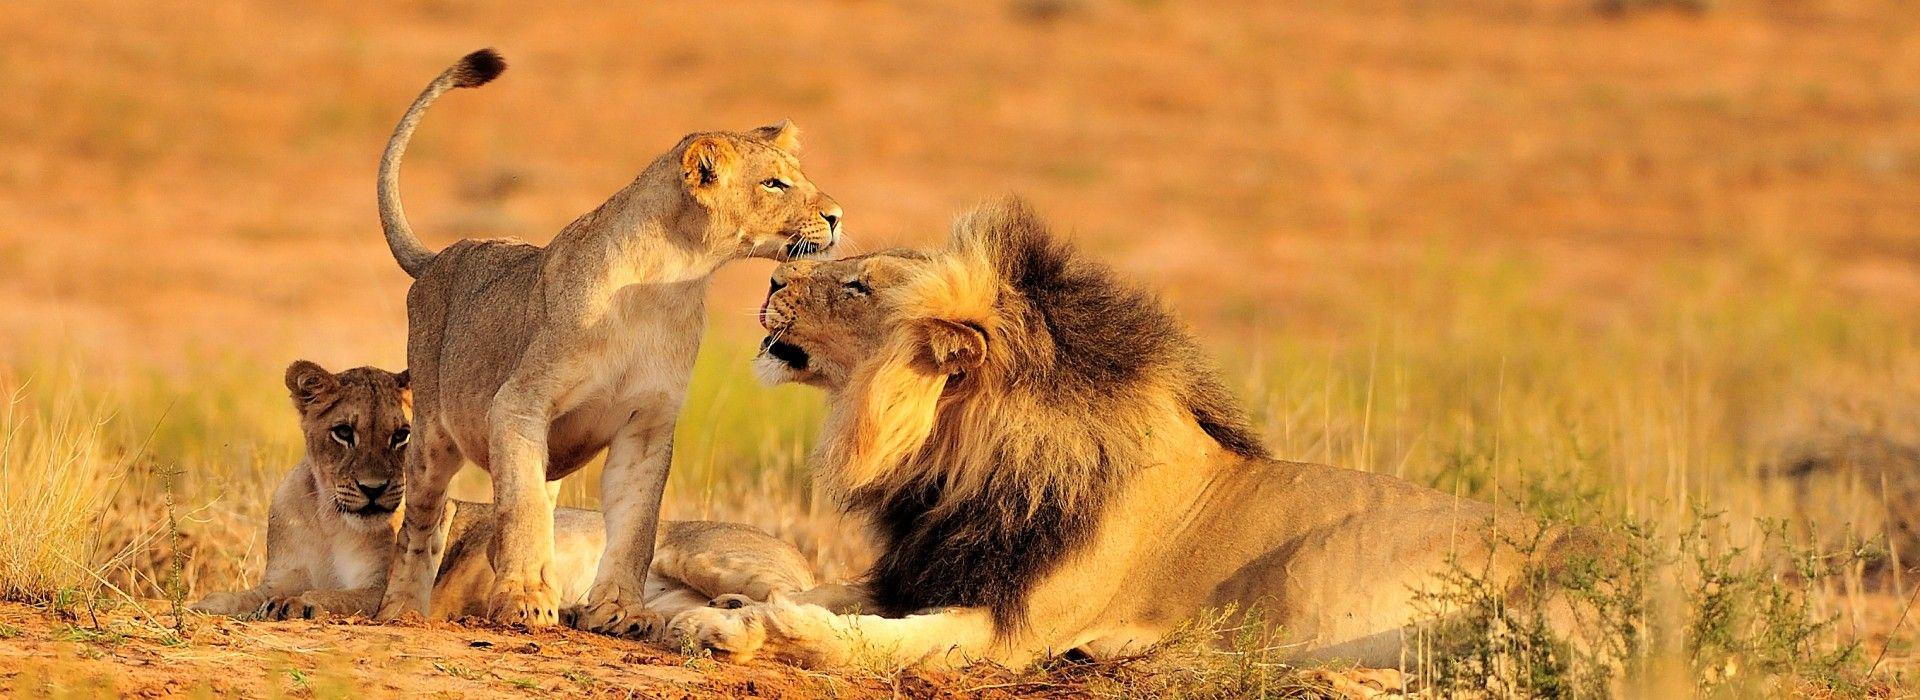 National parks Tours in Kruger National Park